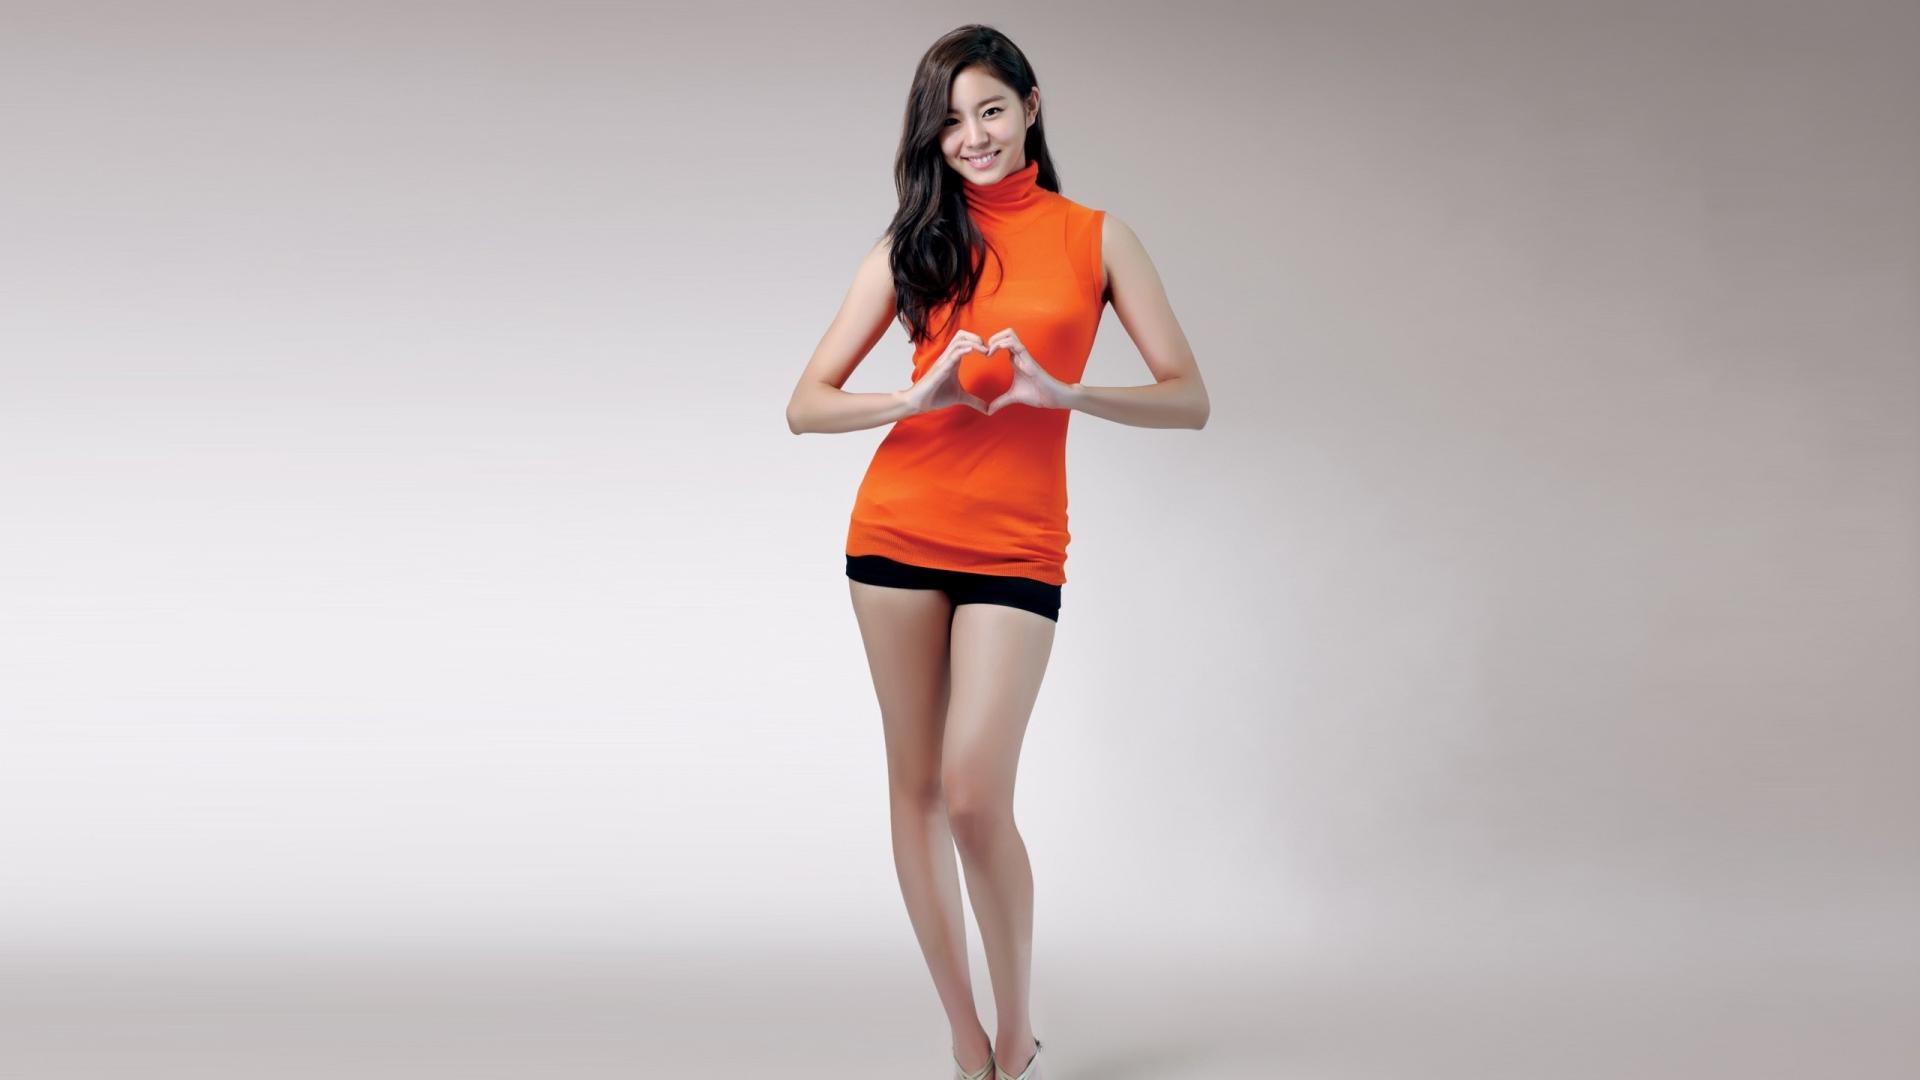 Download wallpaper 1920x1080 korea girl style model brunette korea girl style voltagebd Images